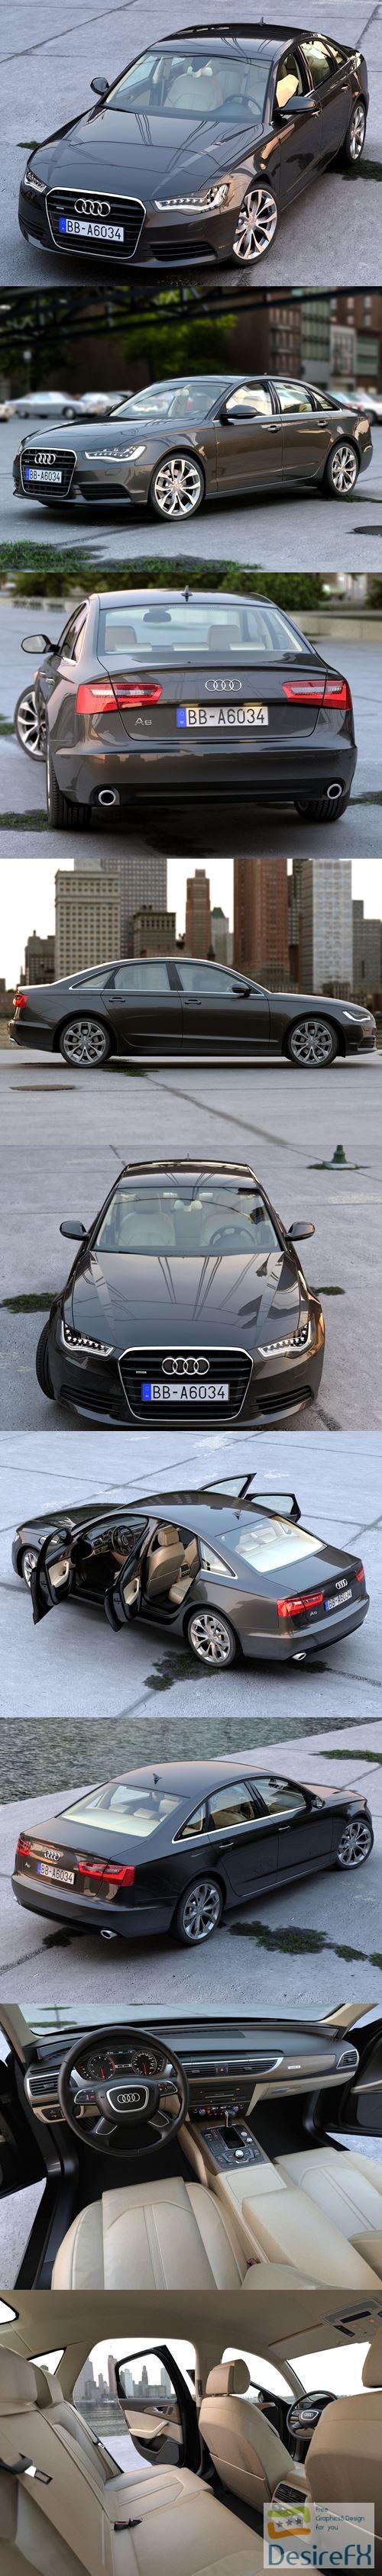 3d-models - Audi A6 2012 3D Model